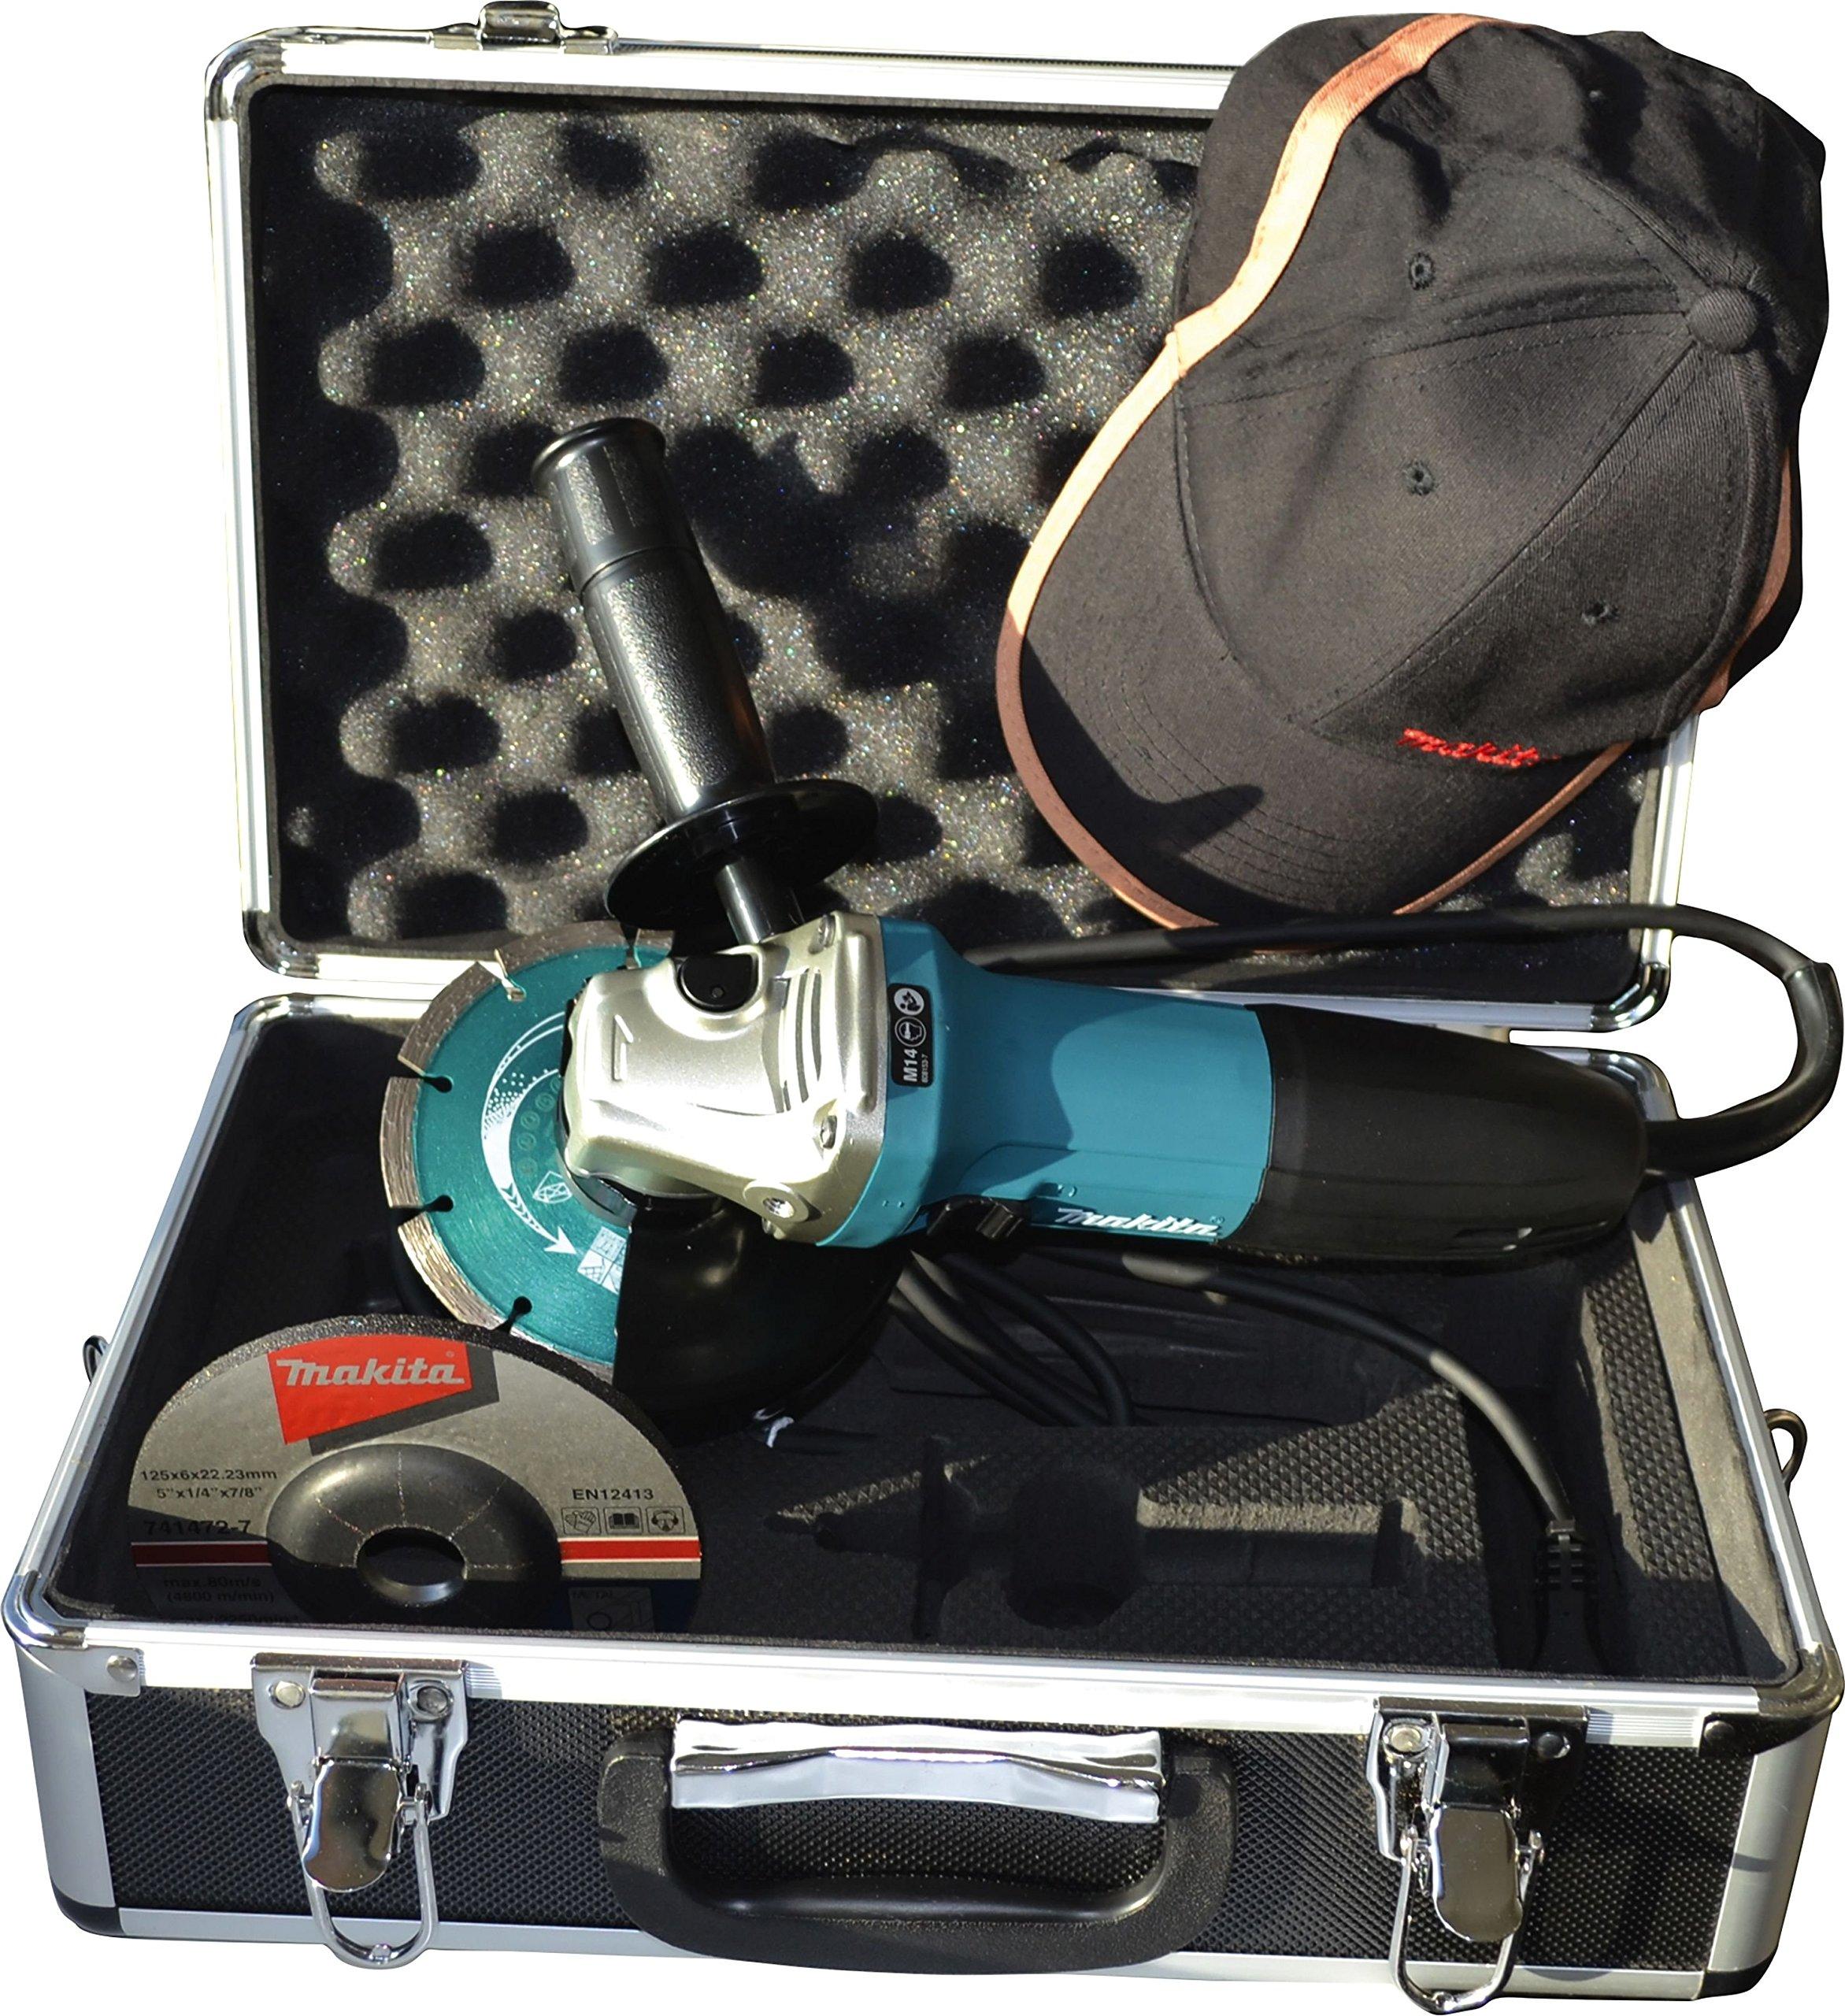 Makita smerigliatrice angolare, 125 mm in valigetta con accessori 720 W, GA5030RSP1 product image